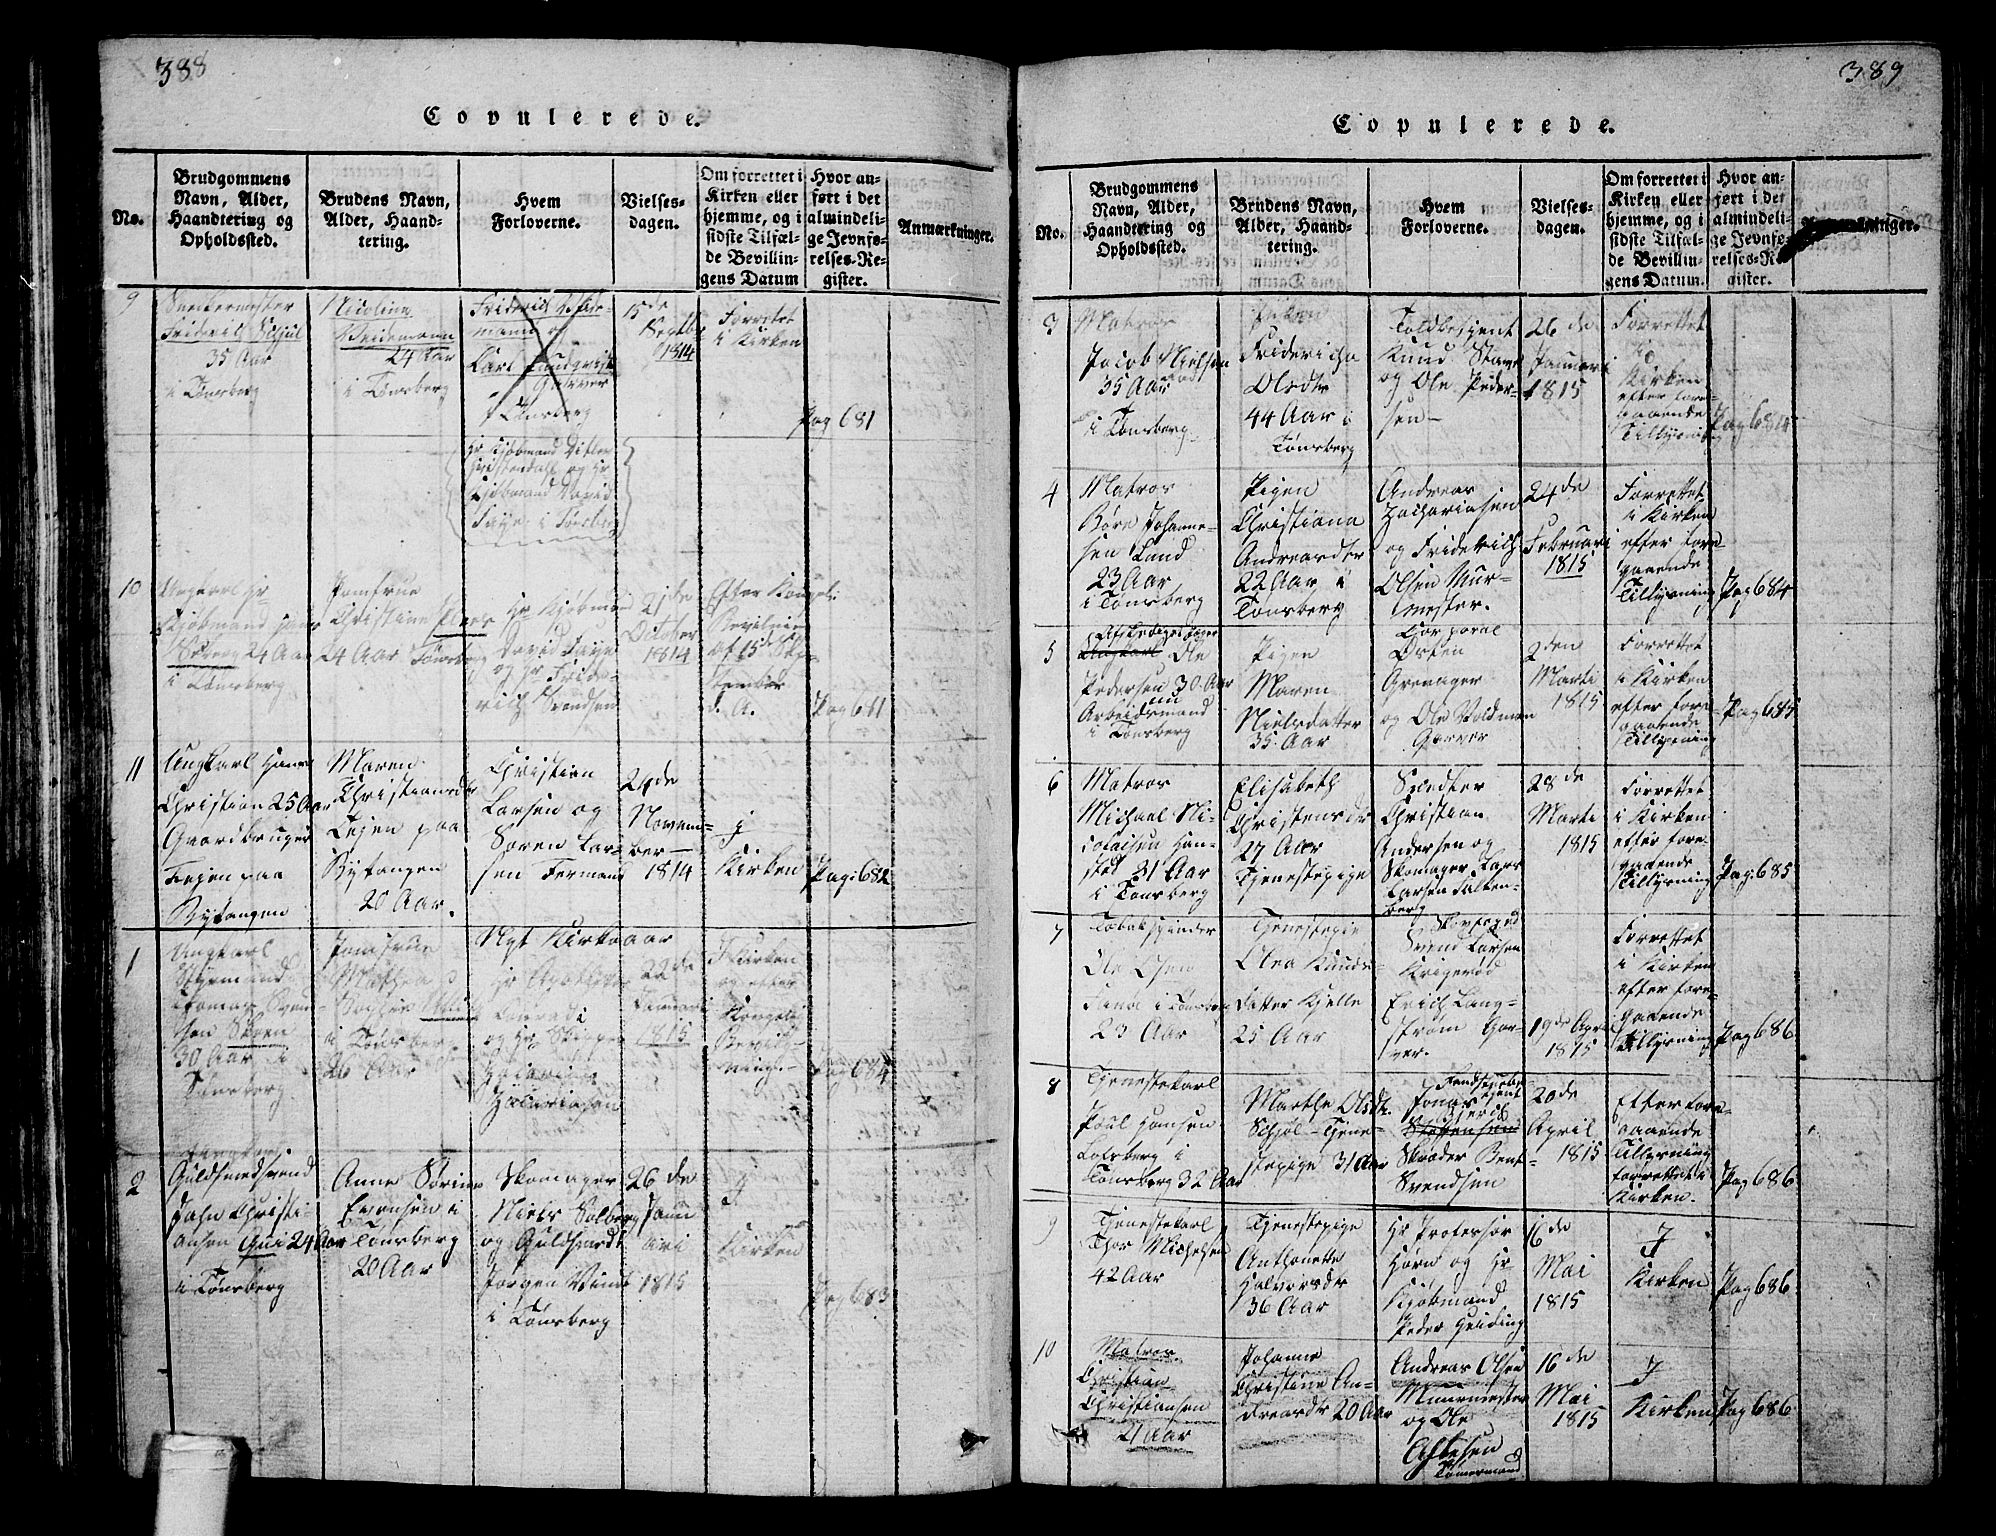 SAKO, Tønsberg kirkebøker, G/Ga/L0001: Klokkerbok nr. 1, 1813-1826, s. 388-389